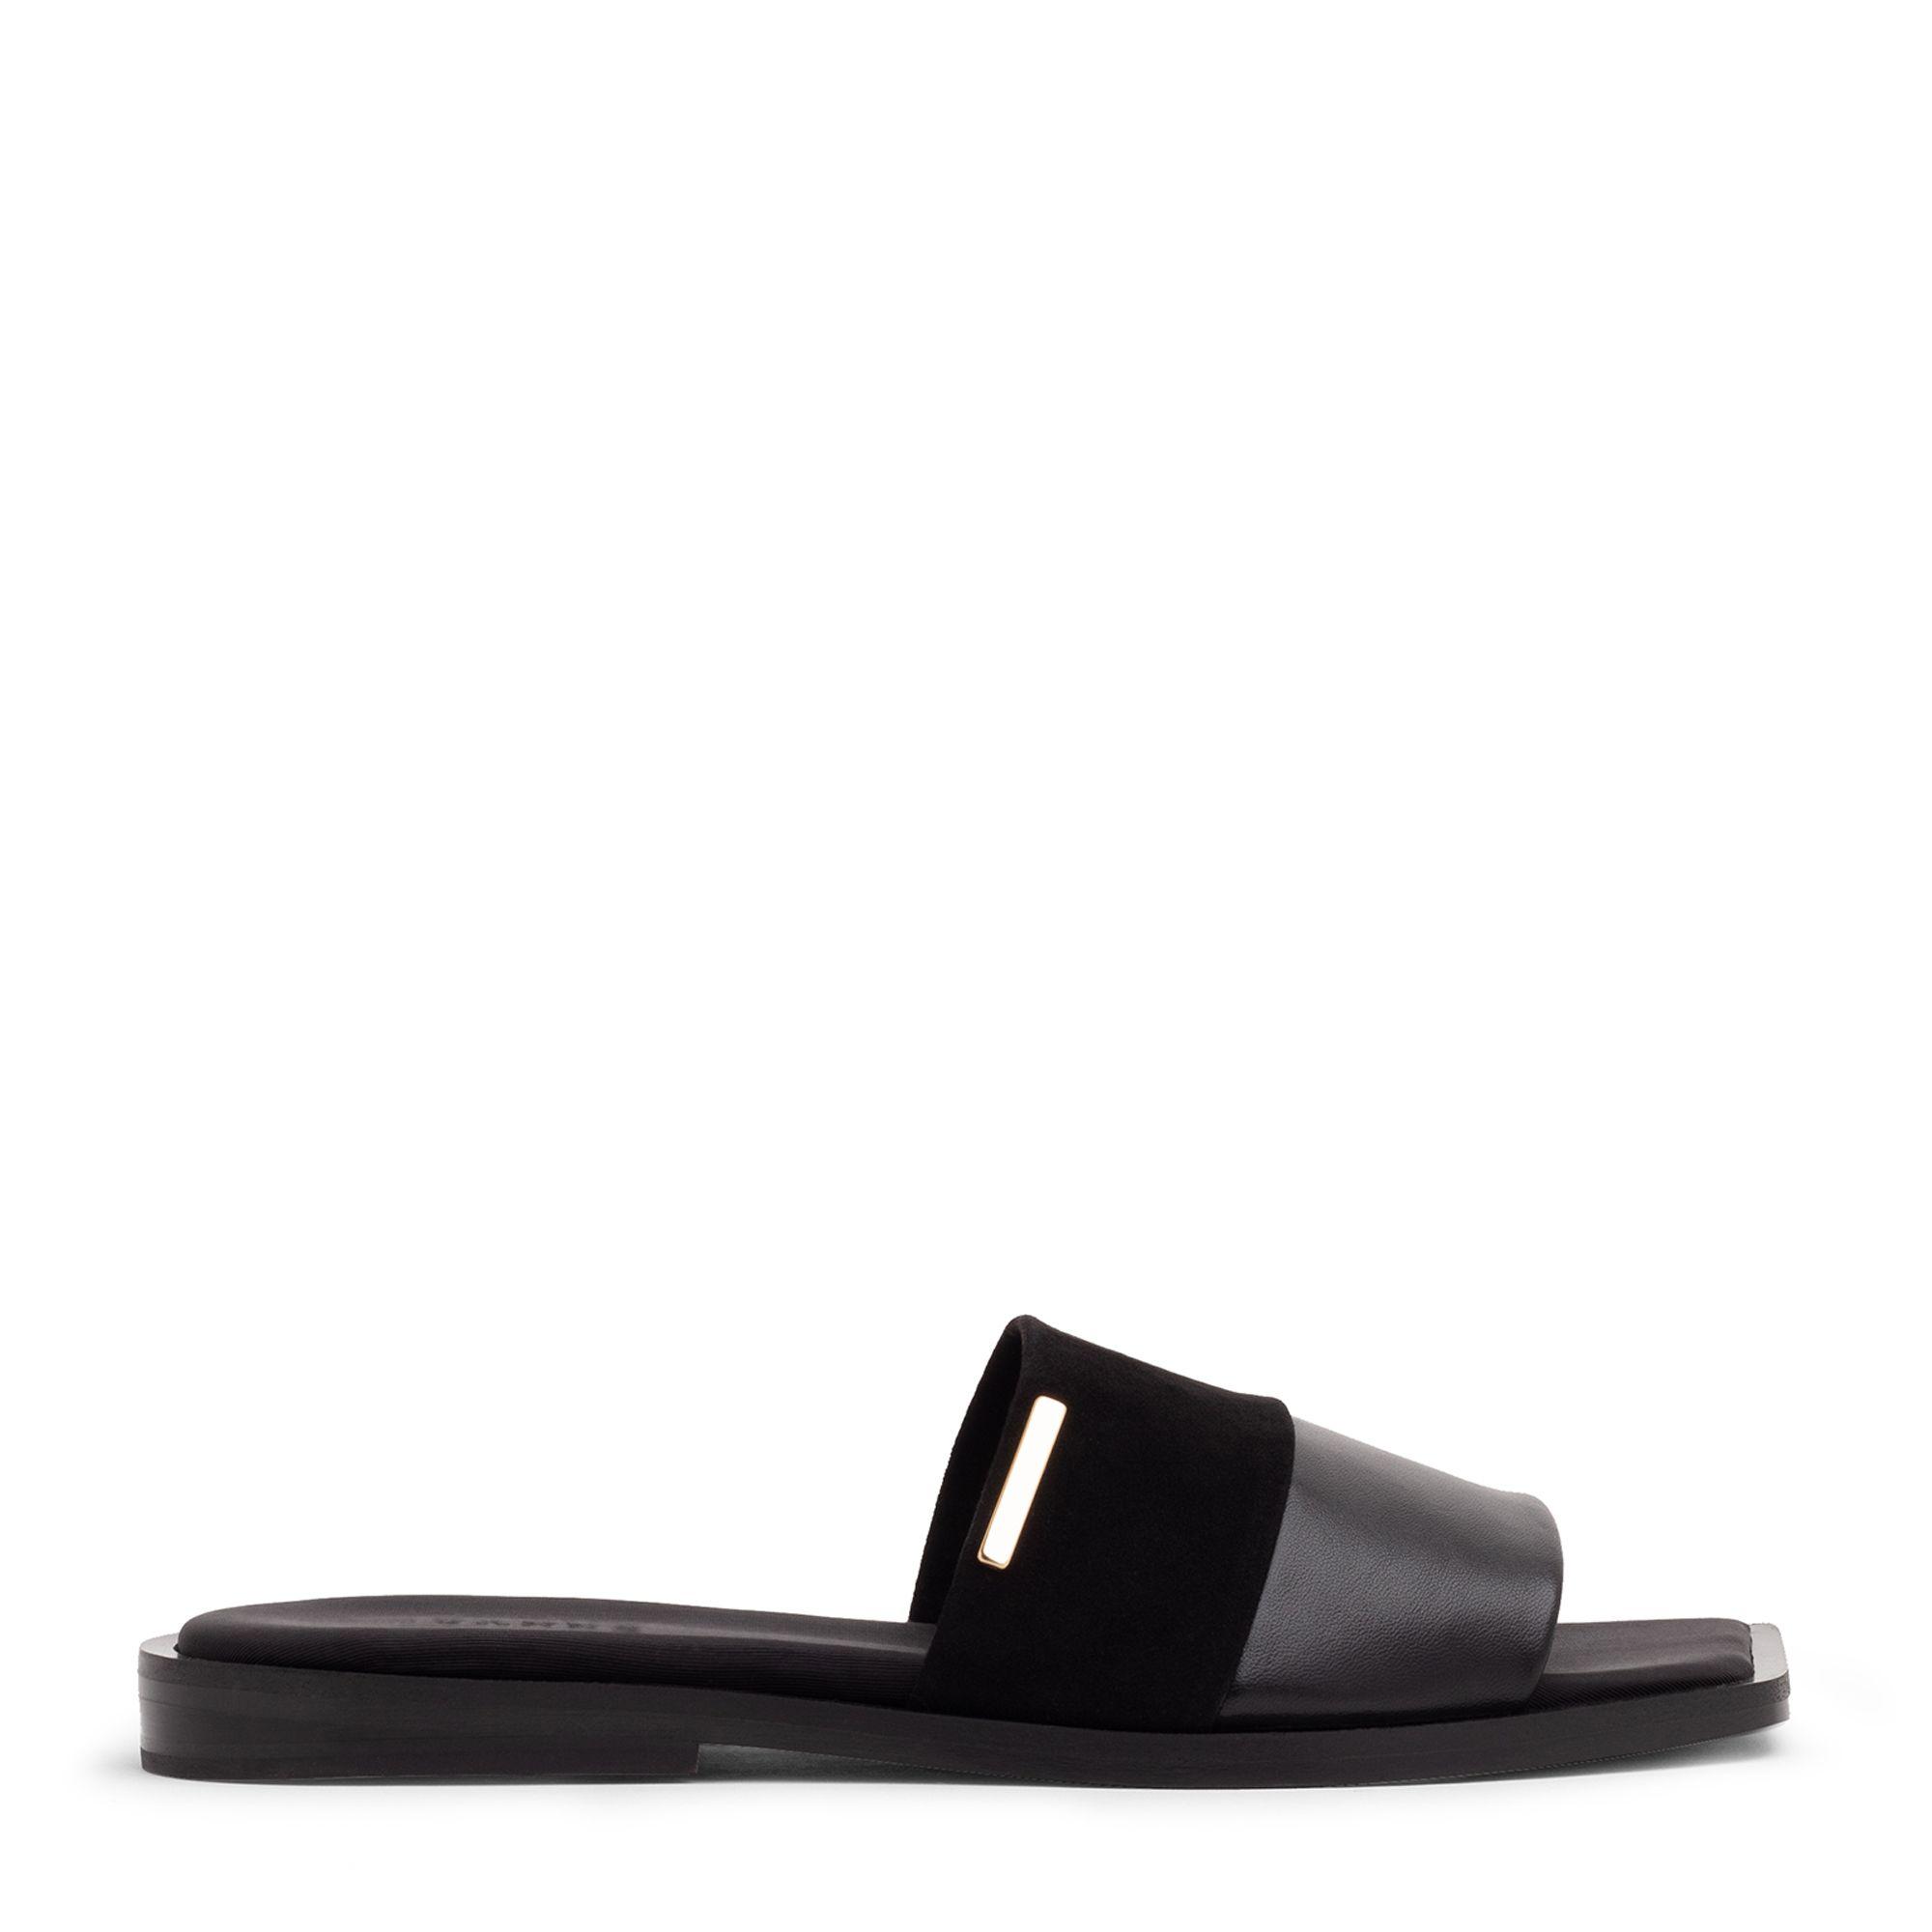 Comas sandals